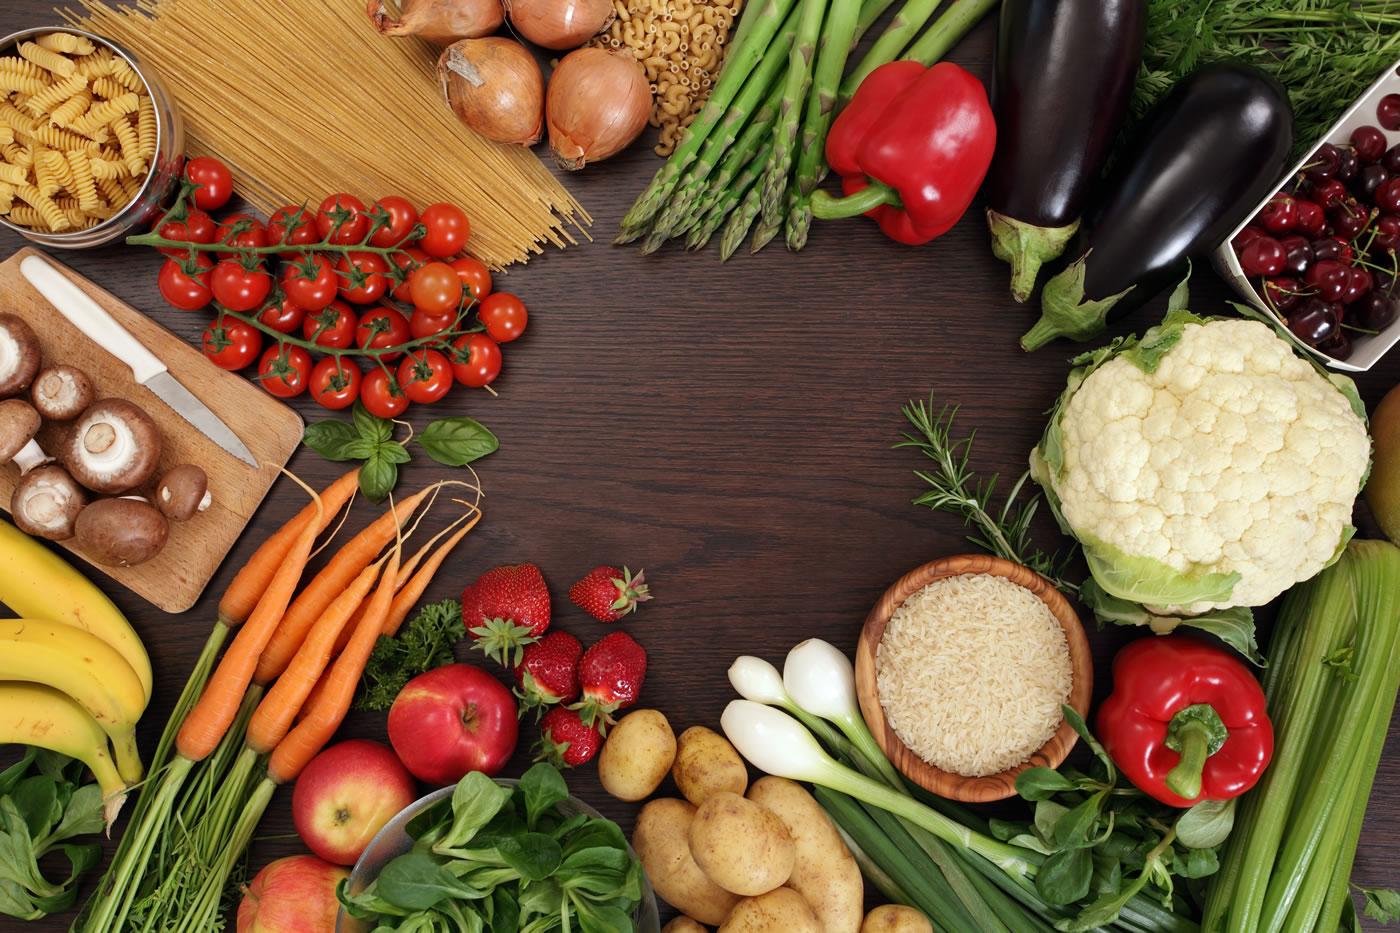 dkbg_diet-and-nutrition.jpg